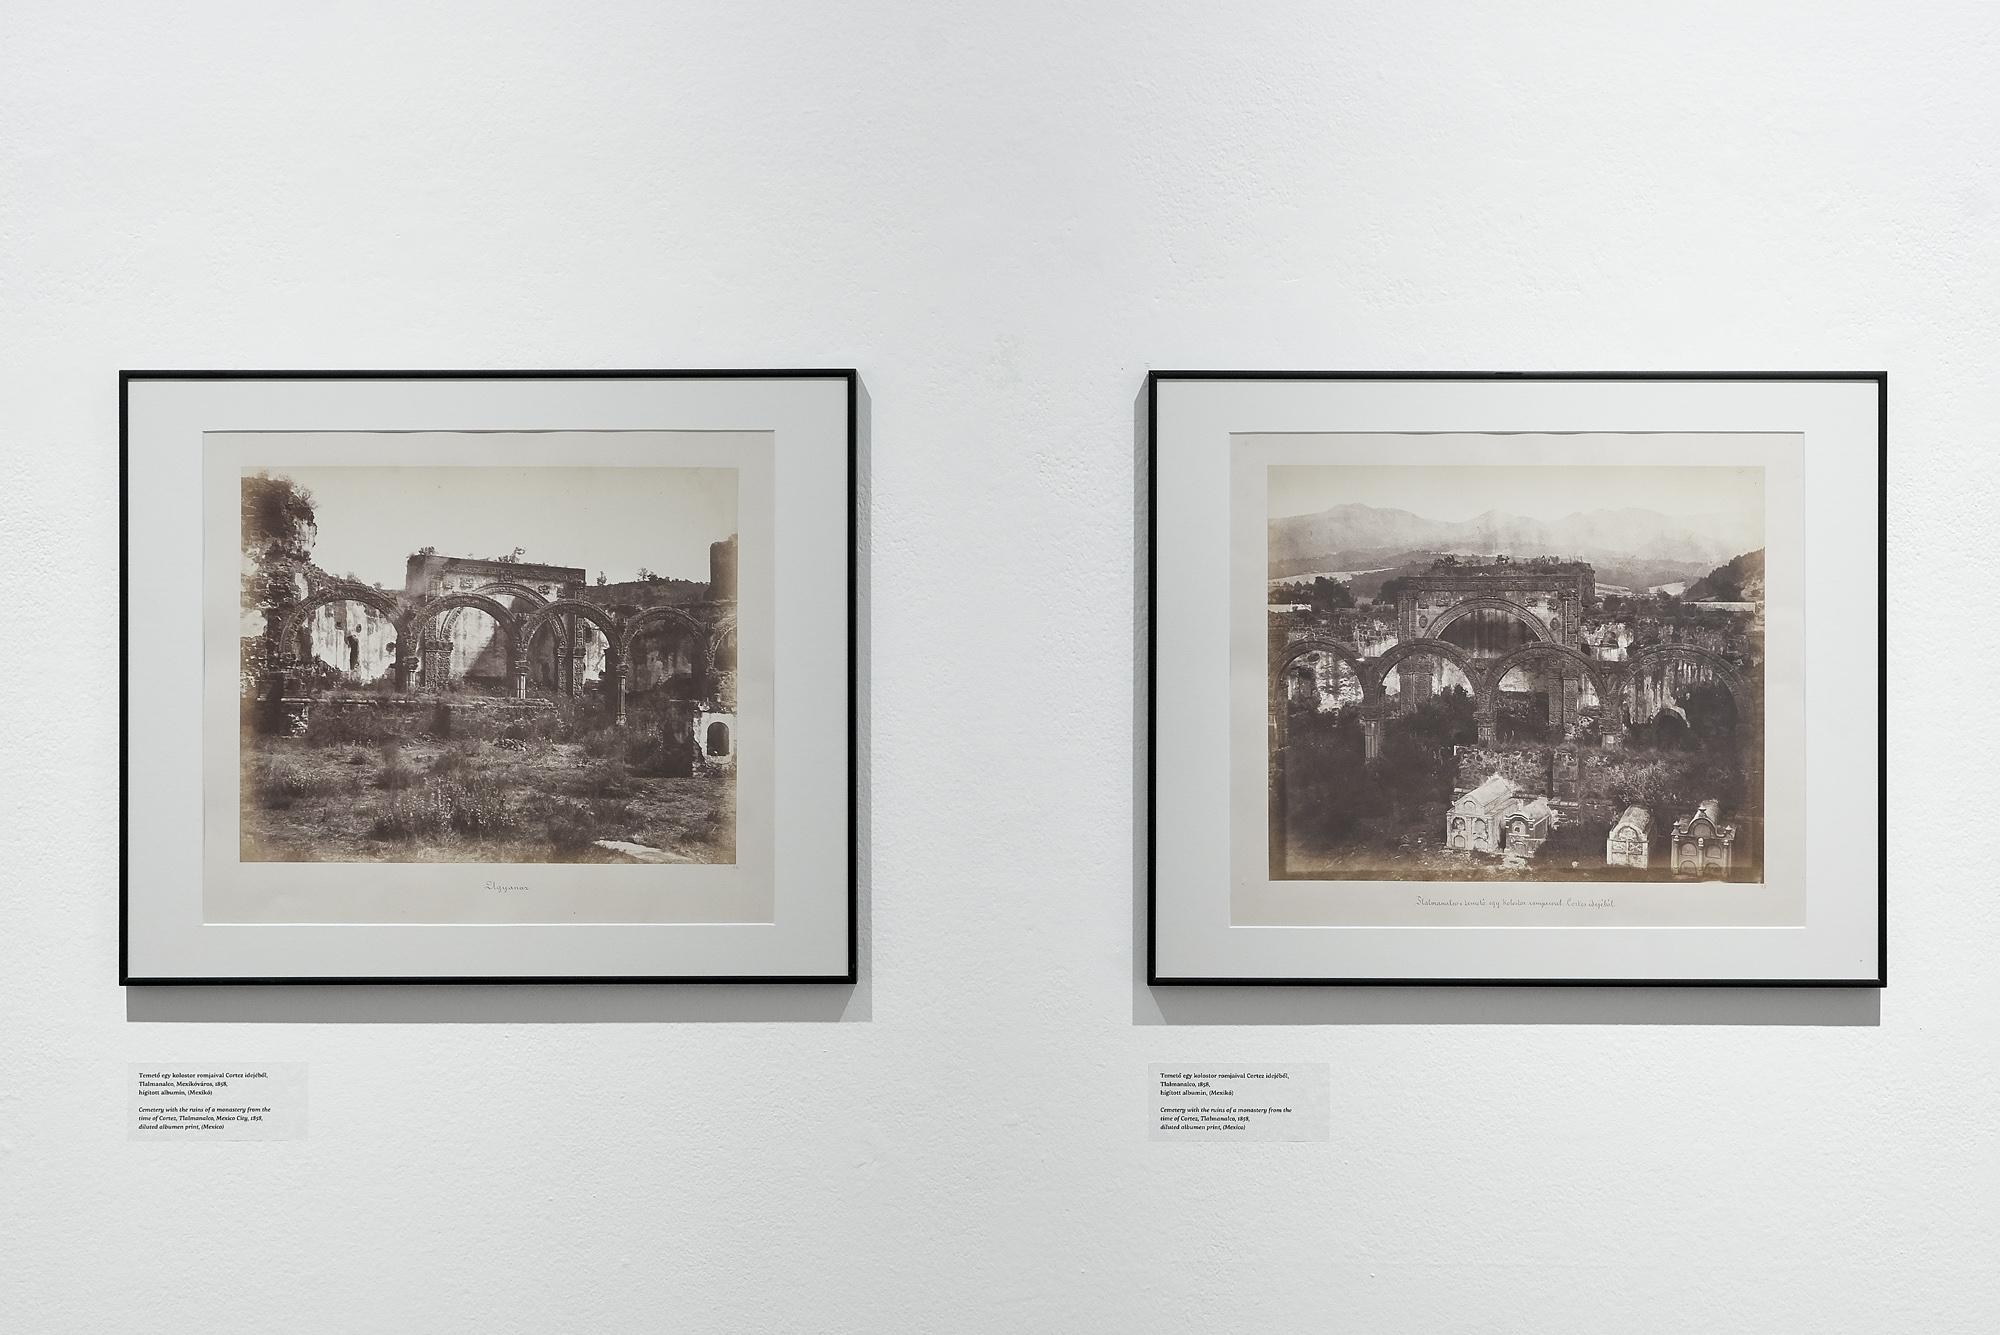 Fotó: Kiss Imre: Rosti Pál: Úti emlékezetek Amerikából című kiállítás a Mai Manó Házban, 2020